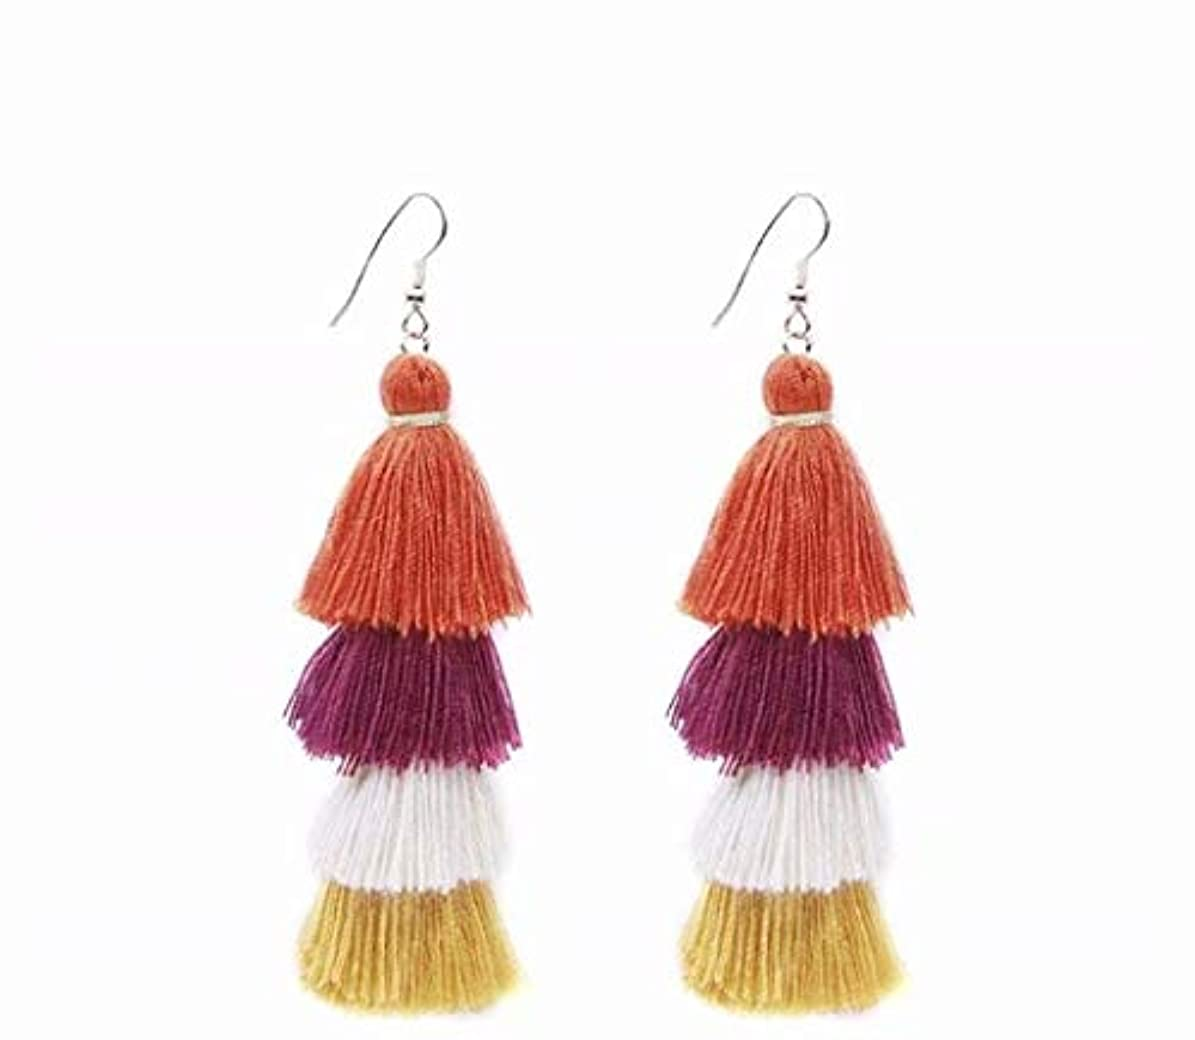 発表する永遠にアクセシブル七里の香 Fan Tassel Earrings Hoop Drop Dangle Earrings Fish Hook Earring for Daily Wear, Wedding, Party